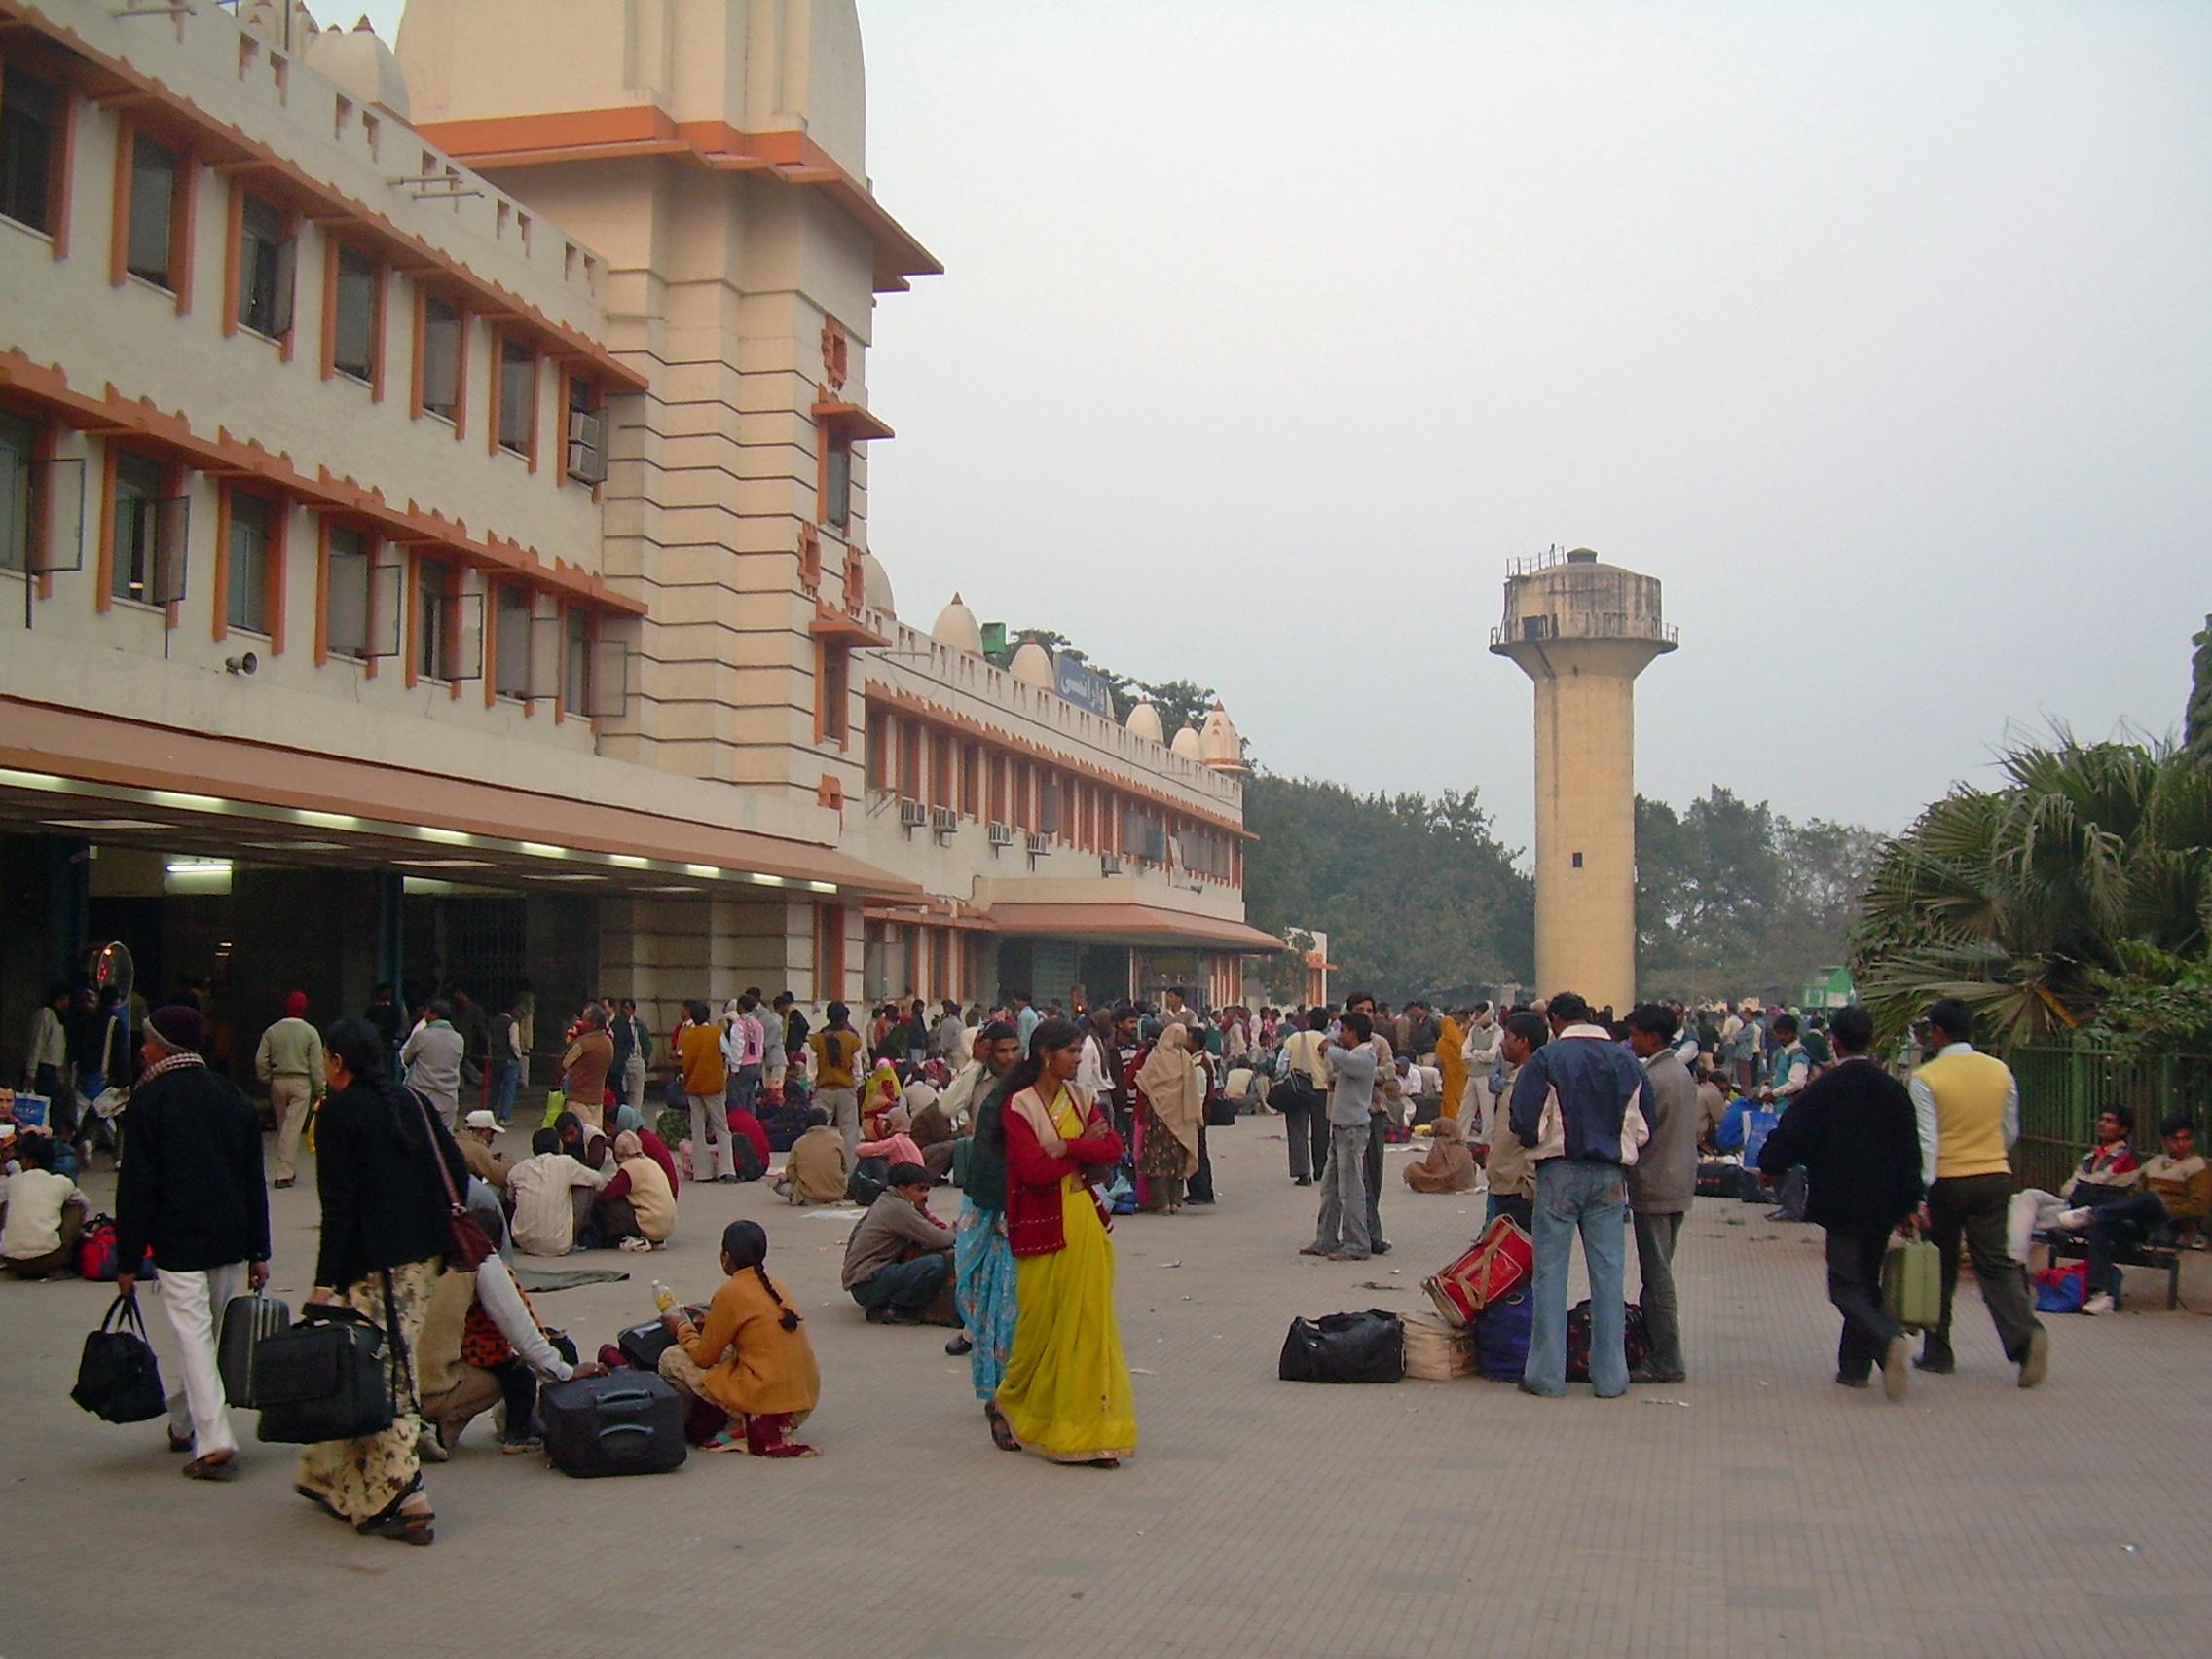 वाराणसी जंक्शन रेलवे स्टेशन